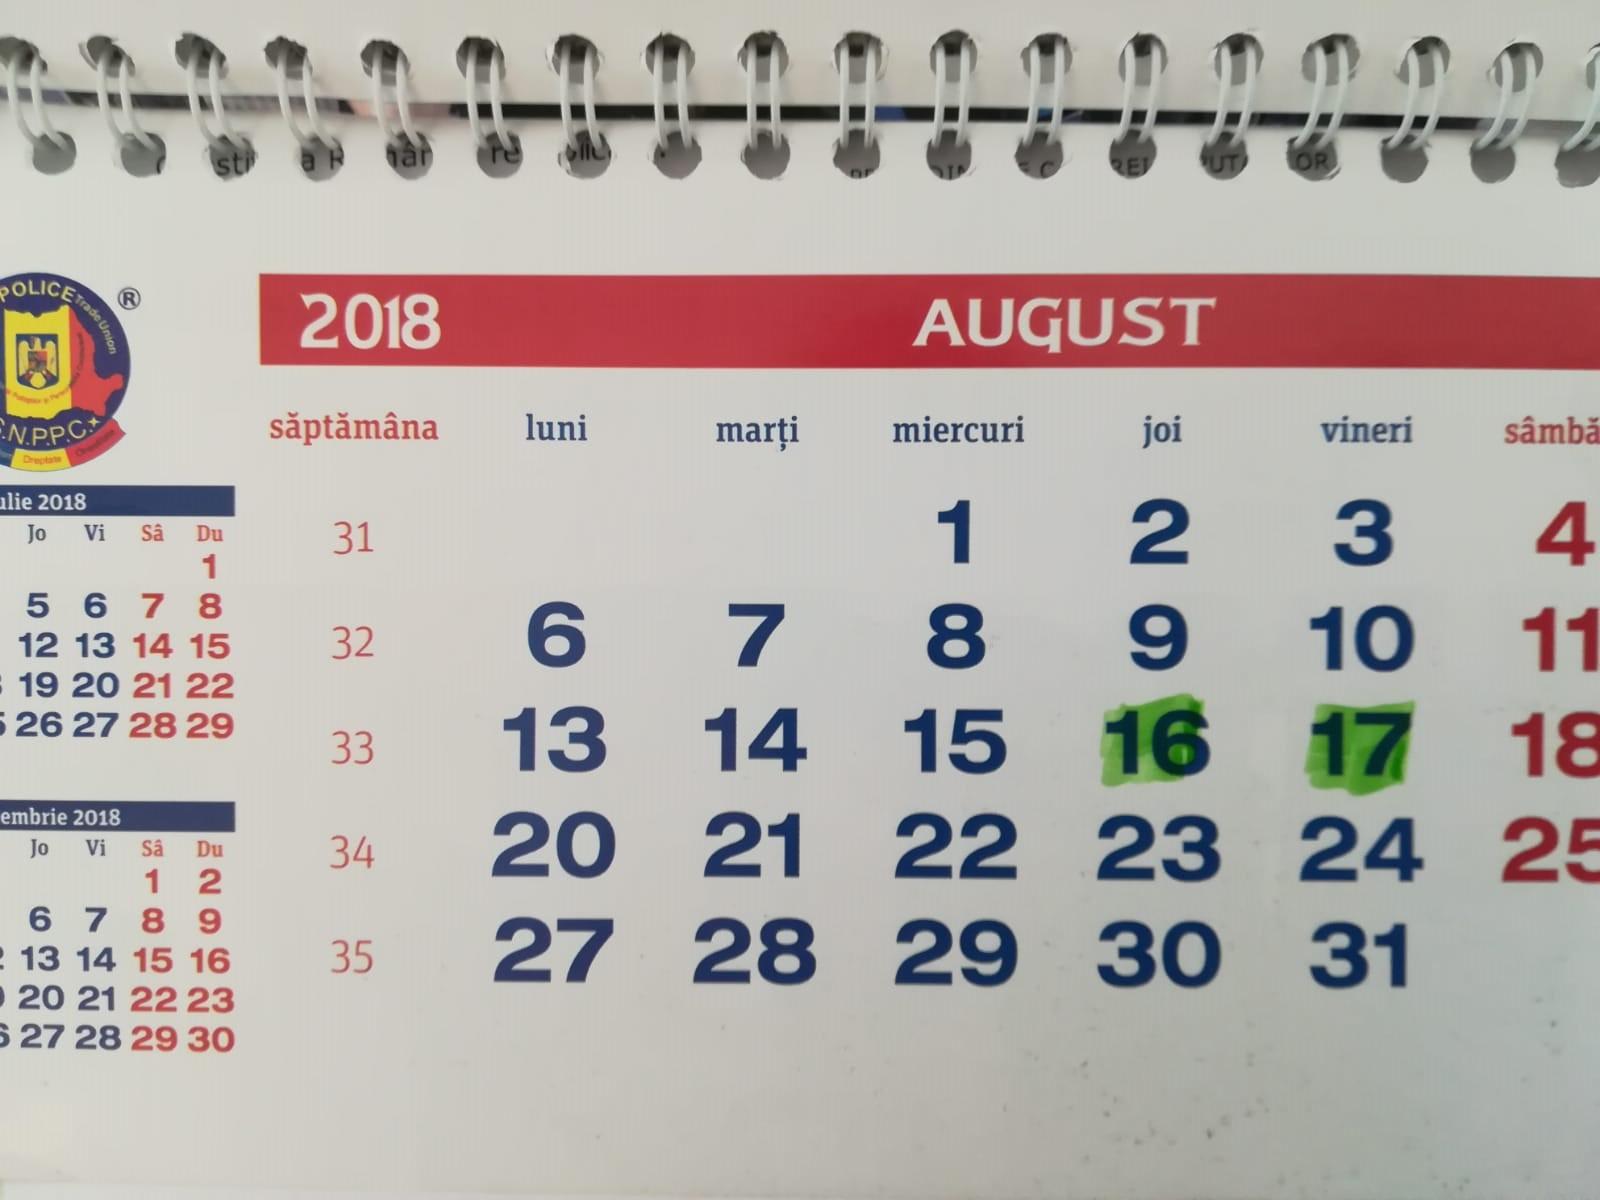 13.08.2018 - Cum vor fi plătiţi cei care vor lucra în zilele de 16-17 august a.c.